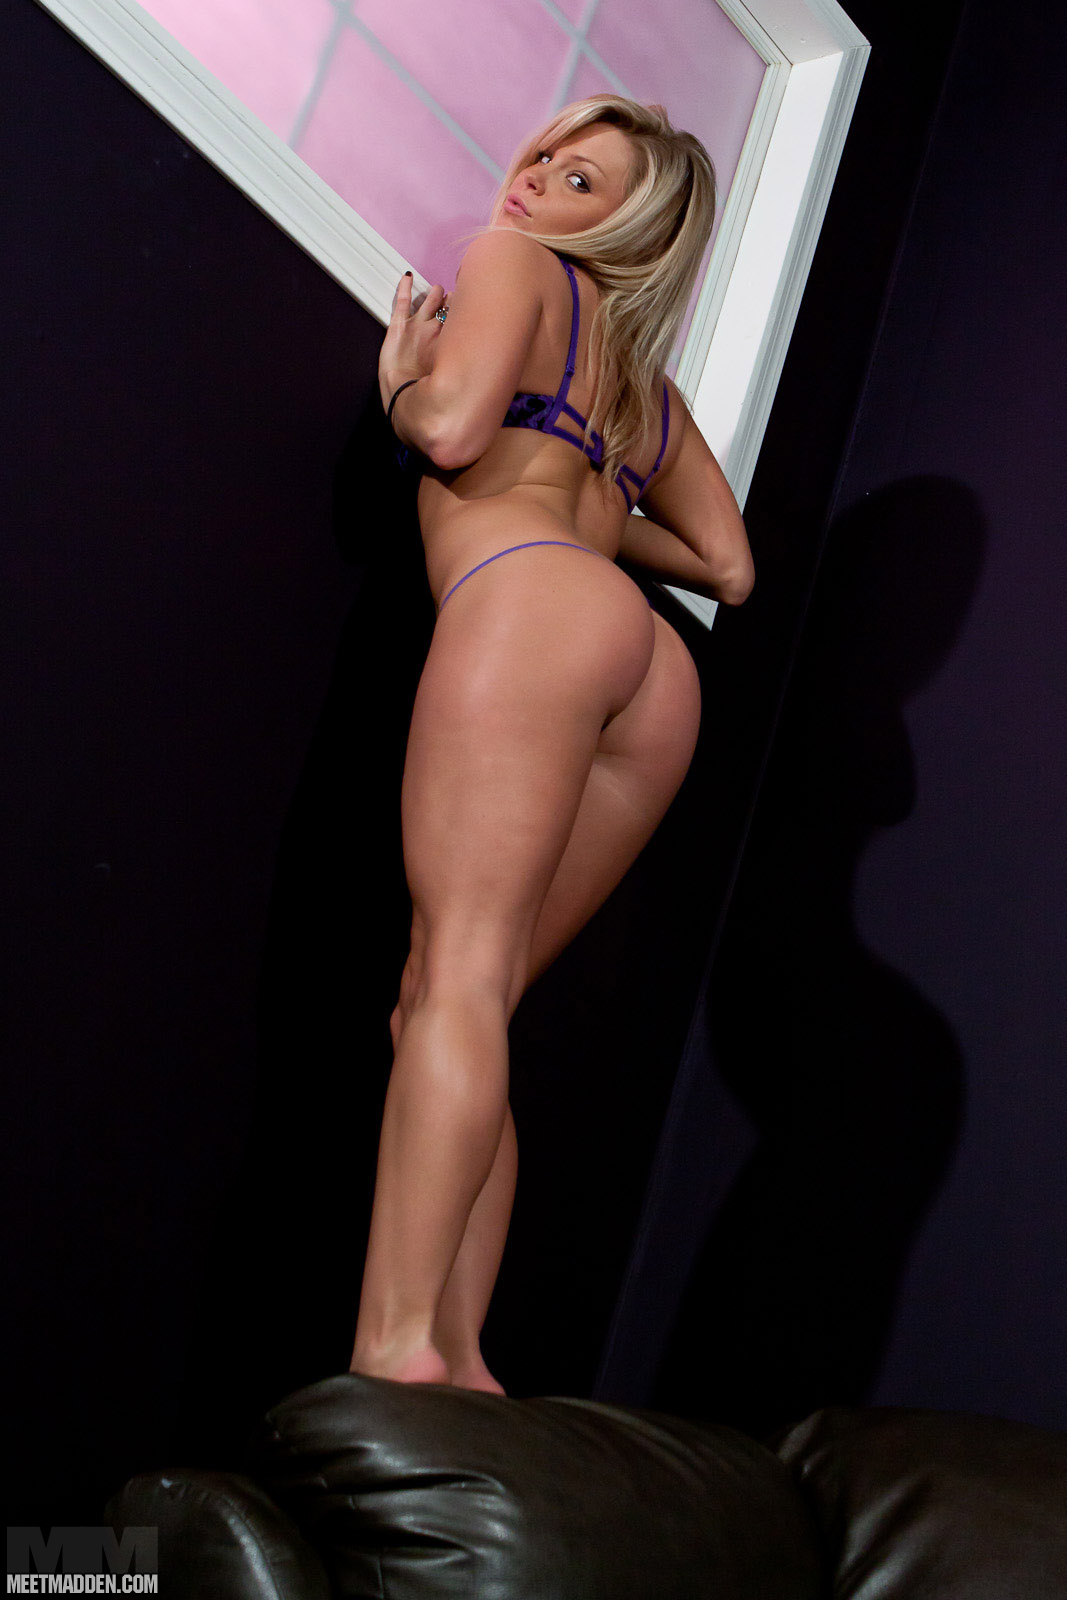 Purple Bra And Panties